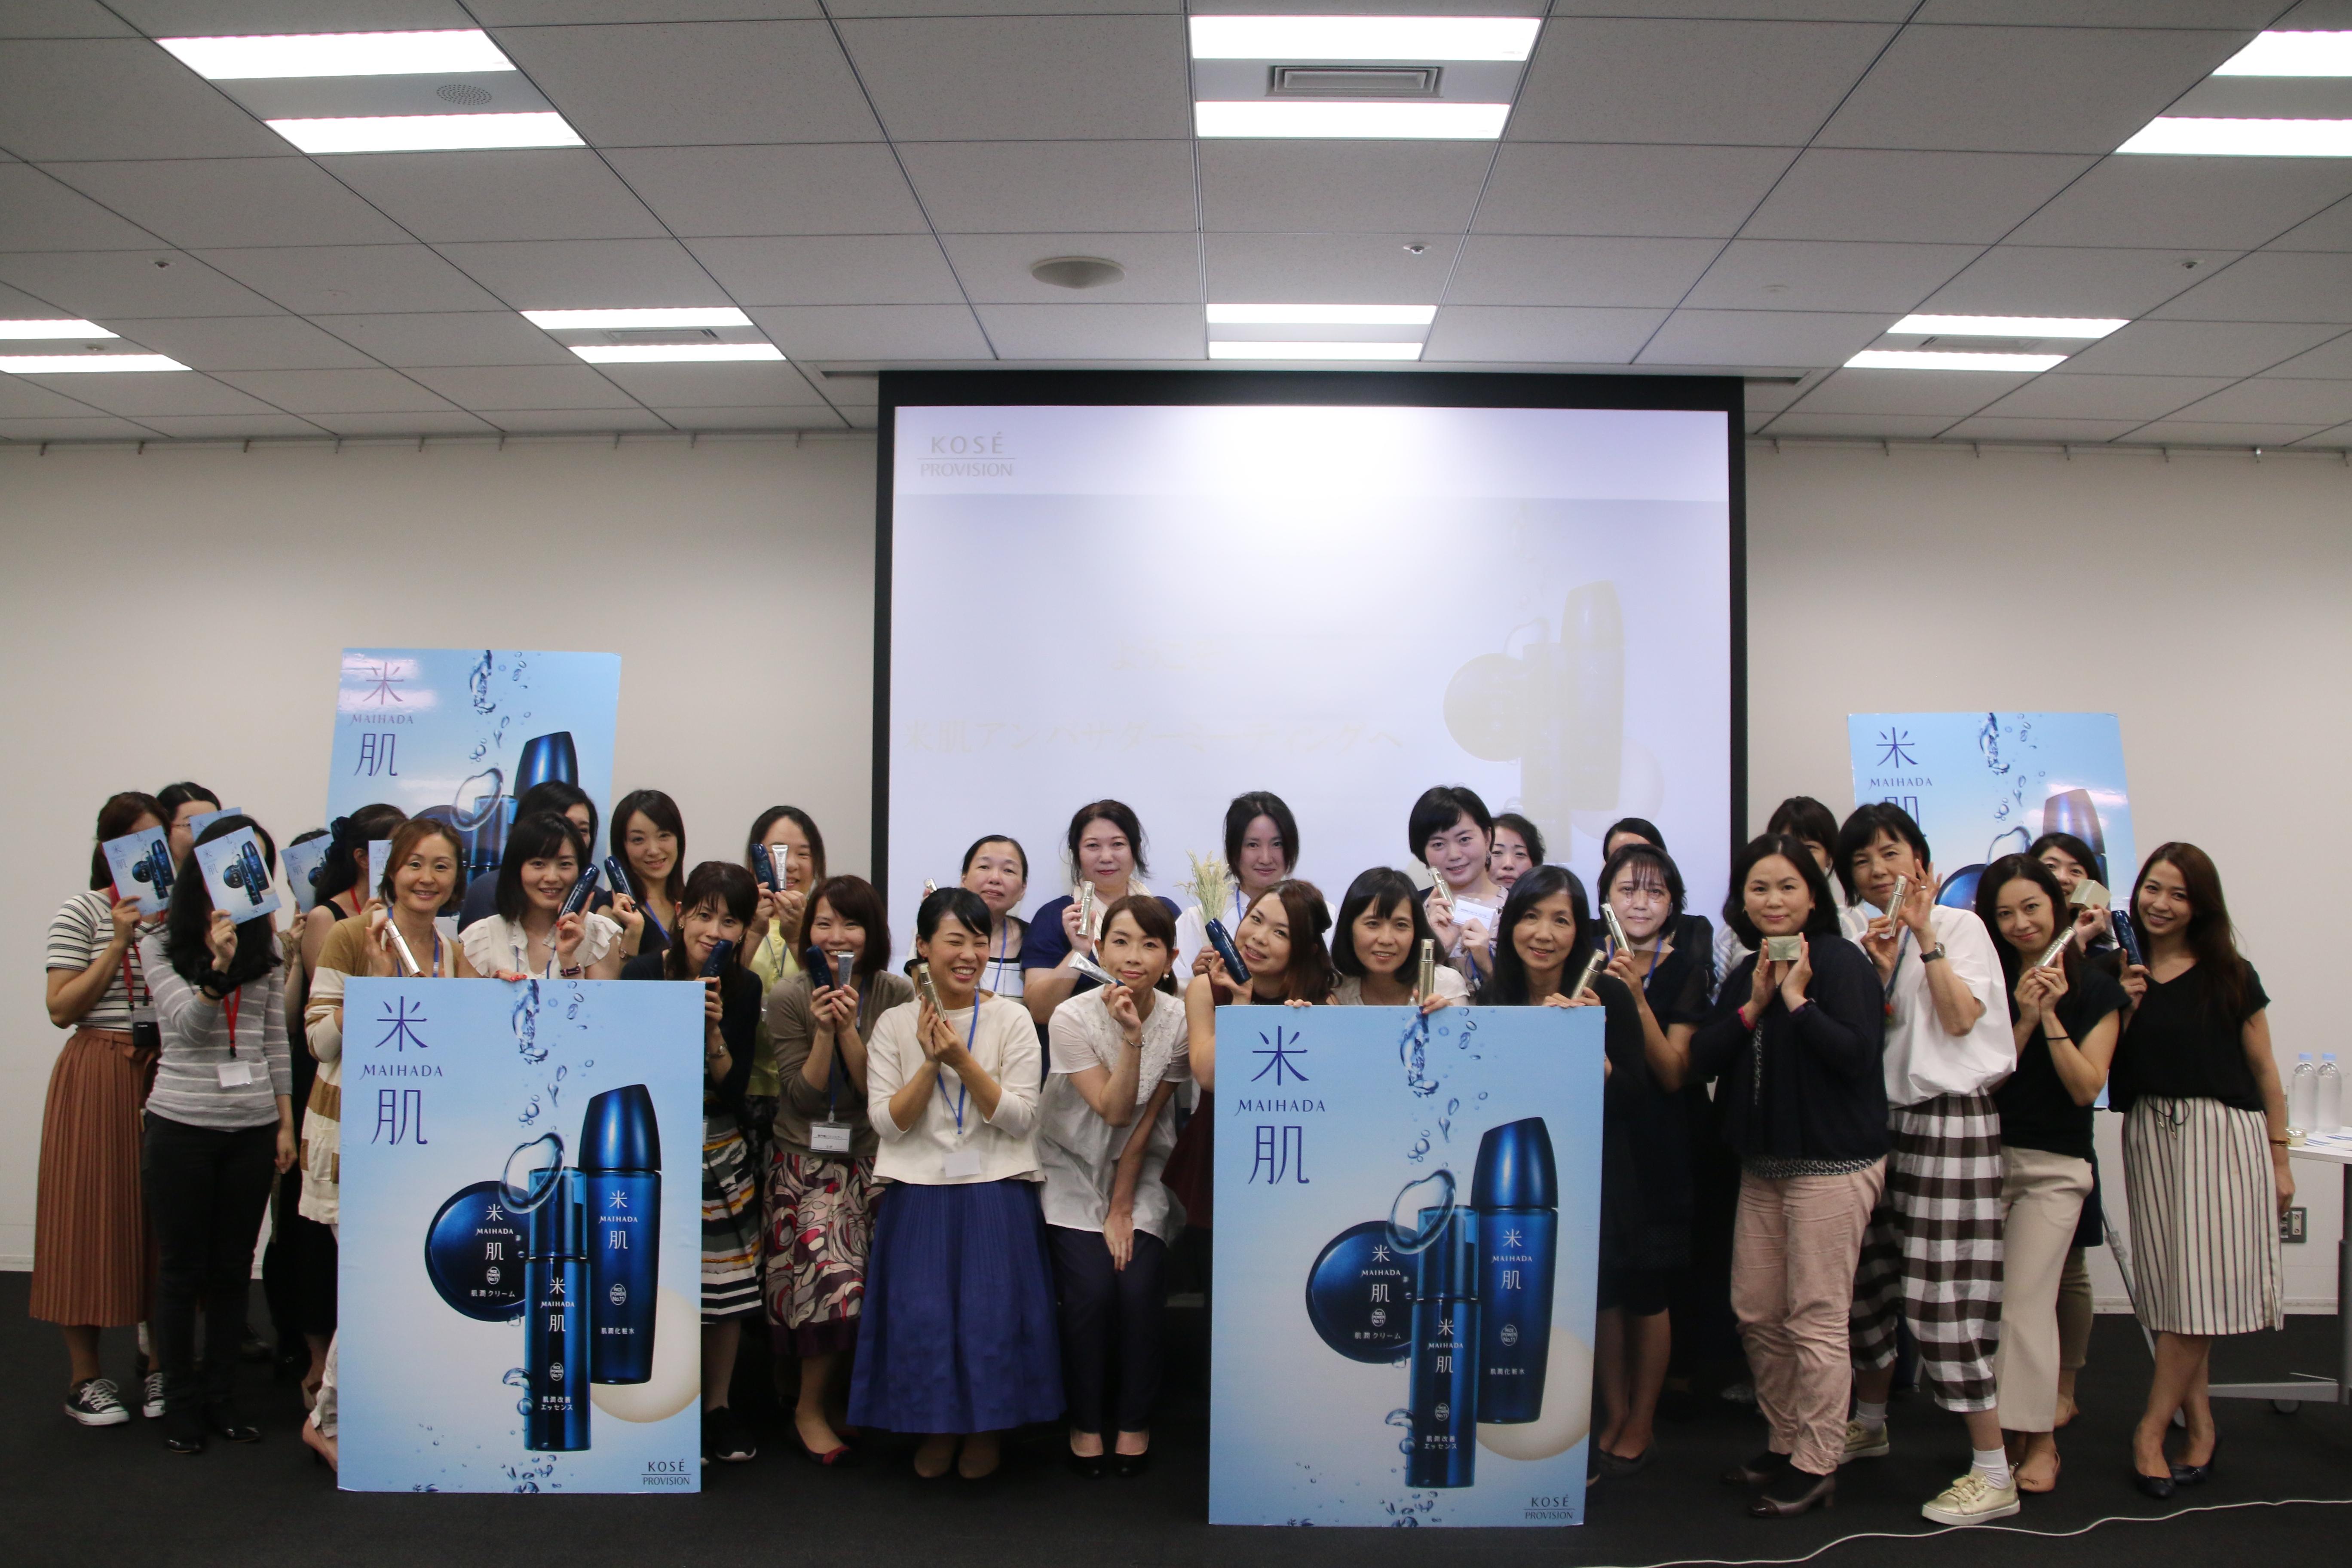 「第2回!ライスパワーを体験!プロに教わるスキンケア講座」を開催いたしました!